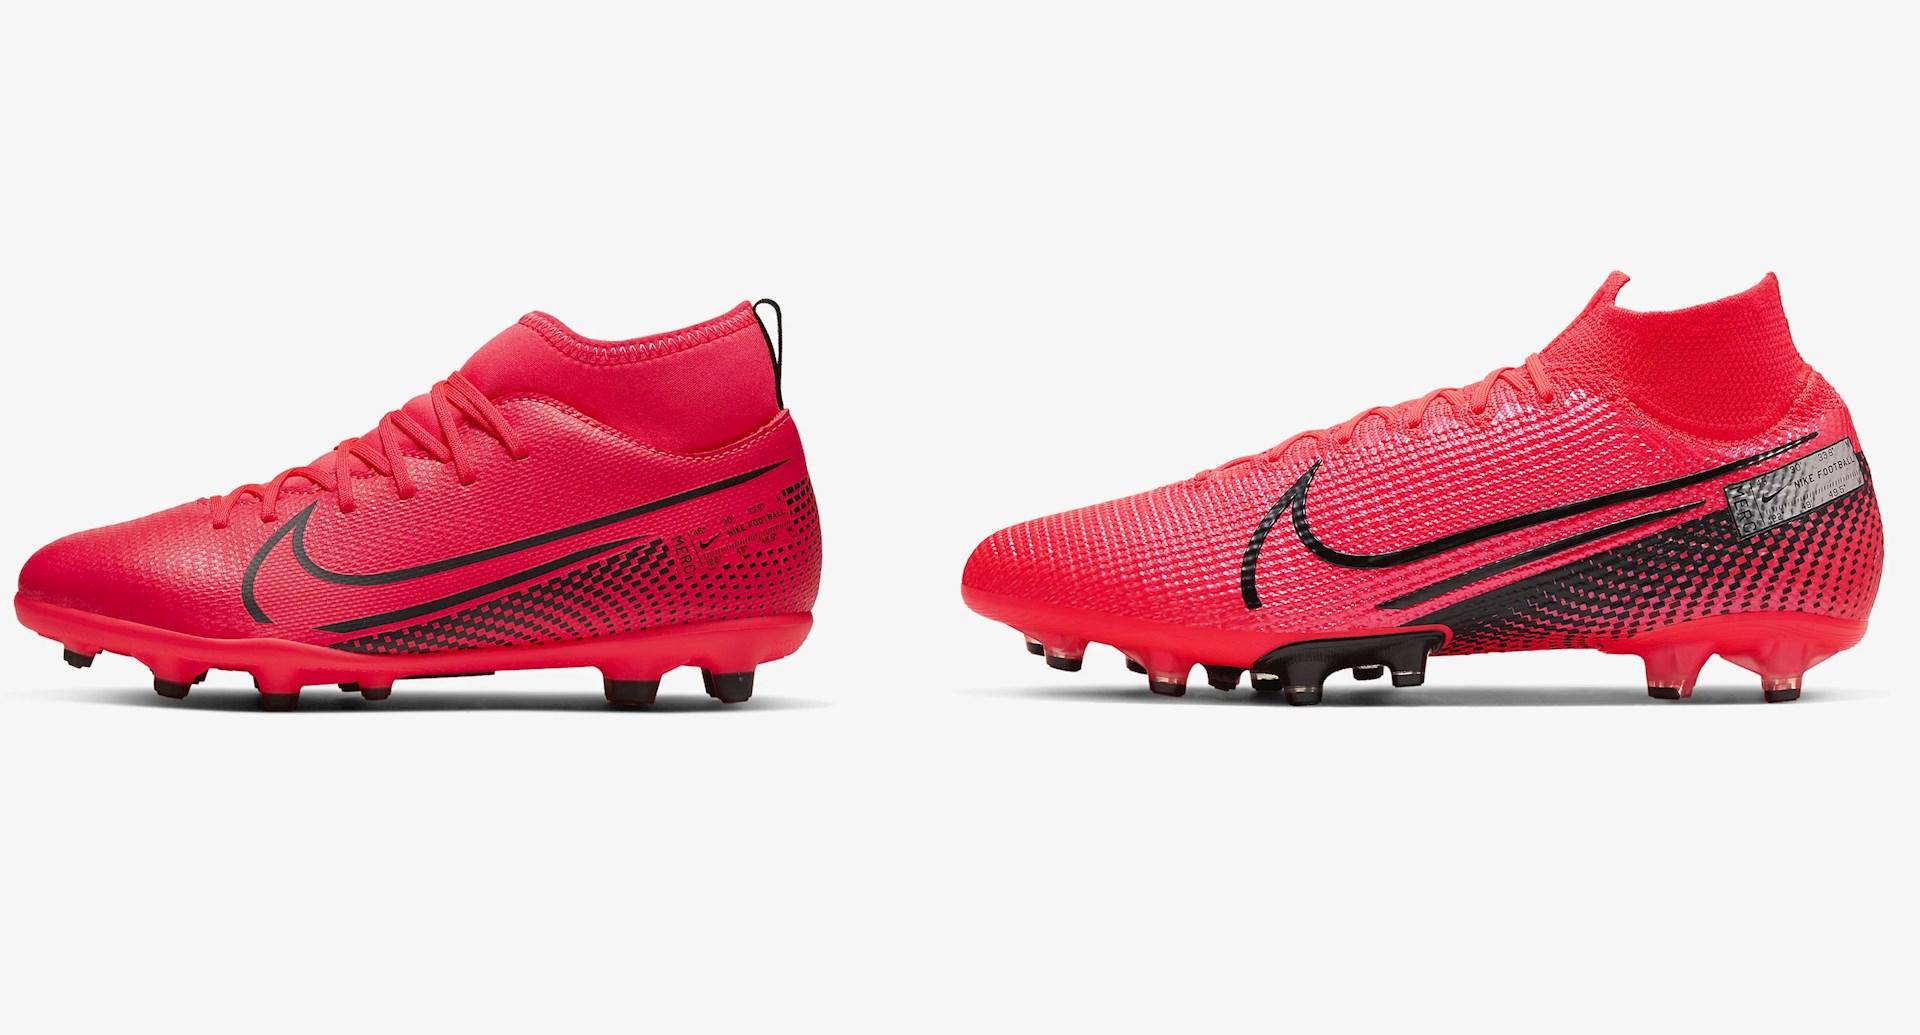 Goedkope Nike Mercurial Superfly voetbalschoenen Voetbal